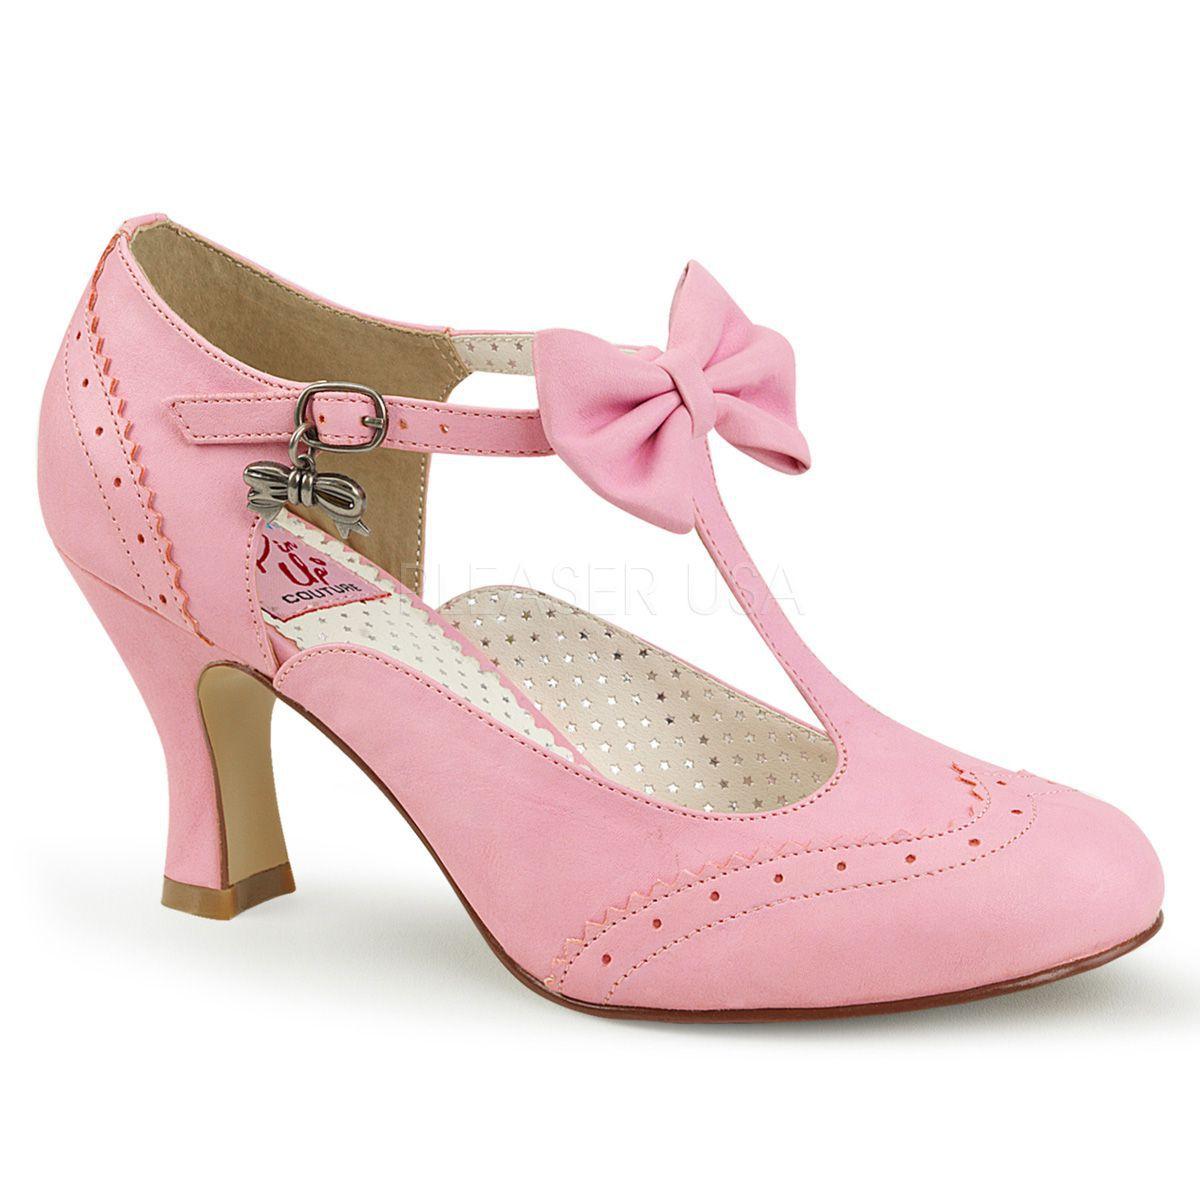 Zapatos Pin Up de polipiel abiertas y con detalle de lazo al frente